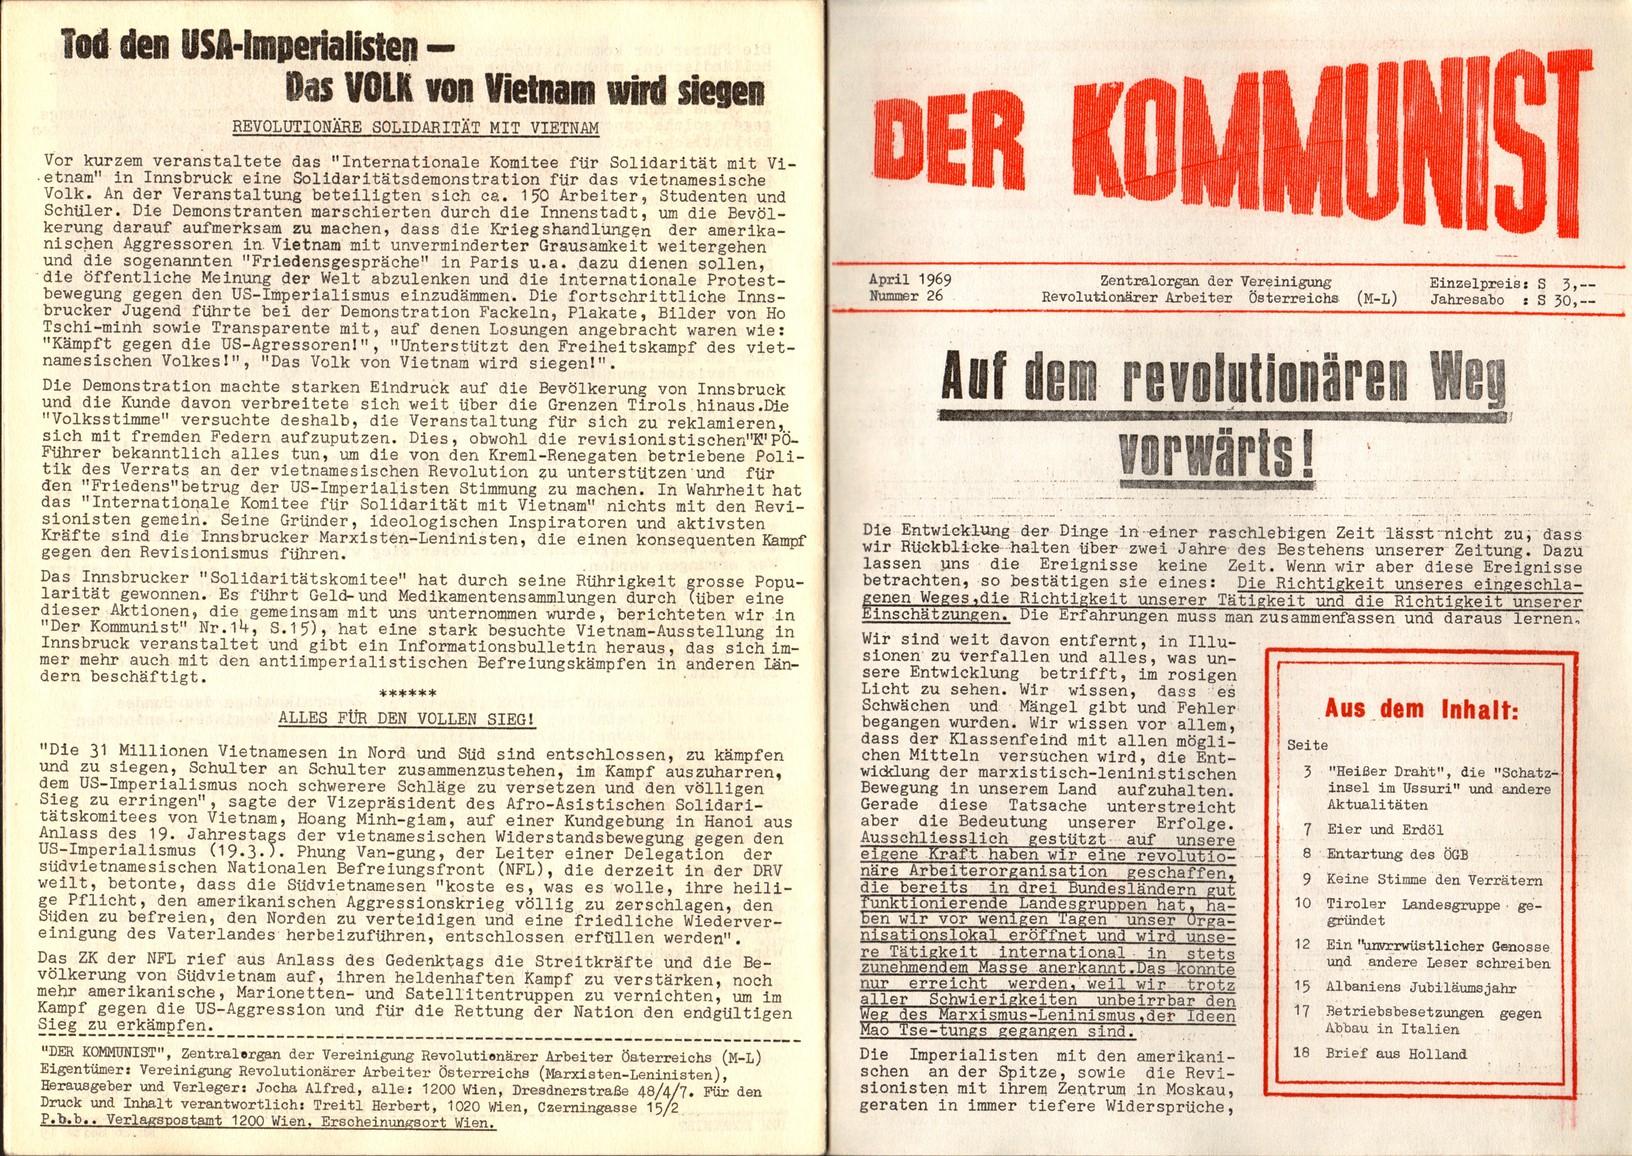 VRA_Der_Kommunist_19690400_01